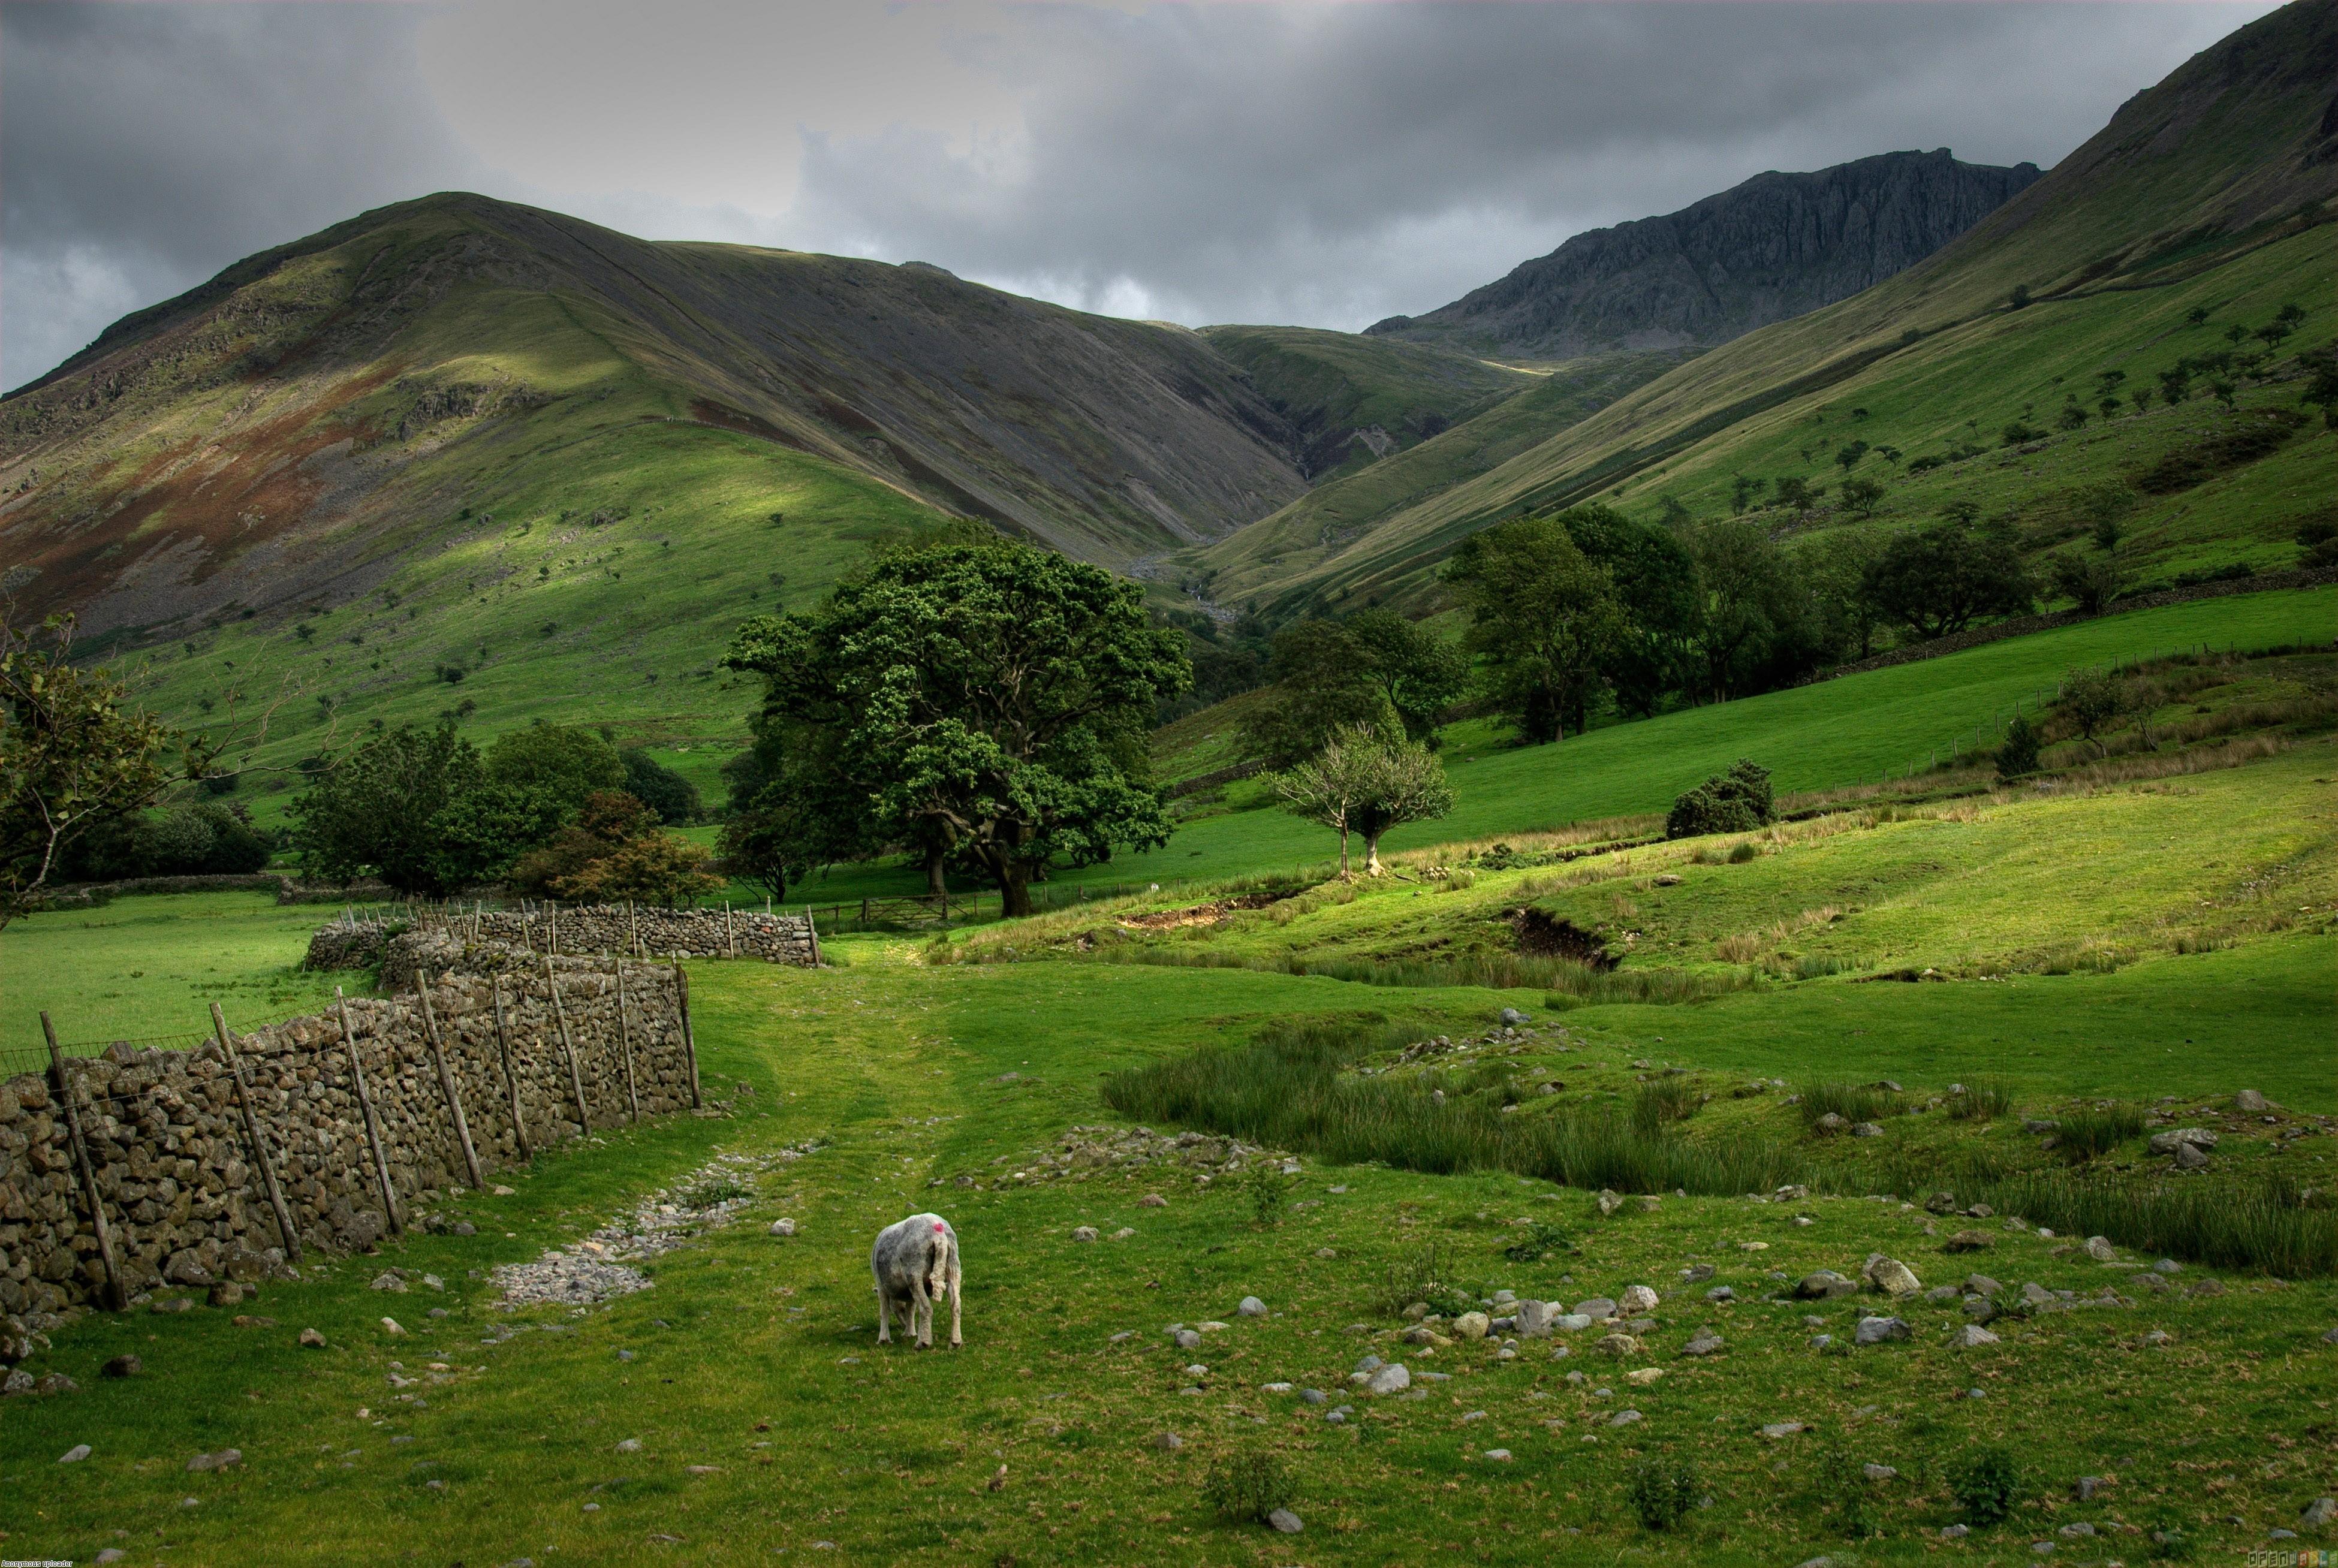 Green mountains scotland wallpaper 6895   Open Walls 3900x2616